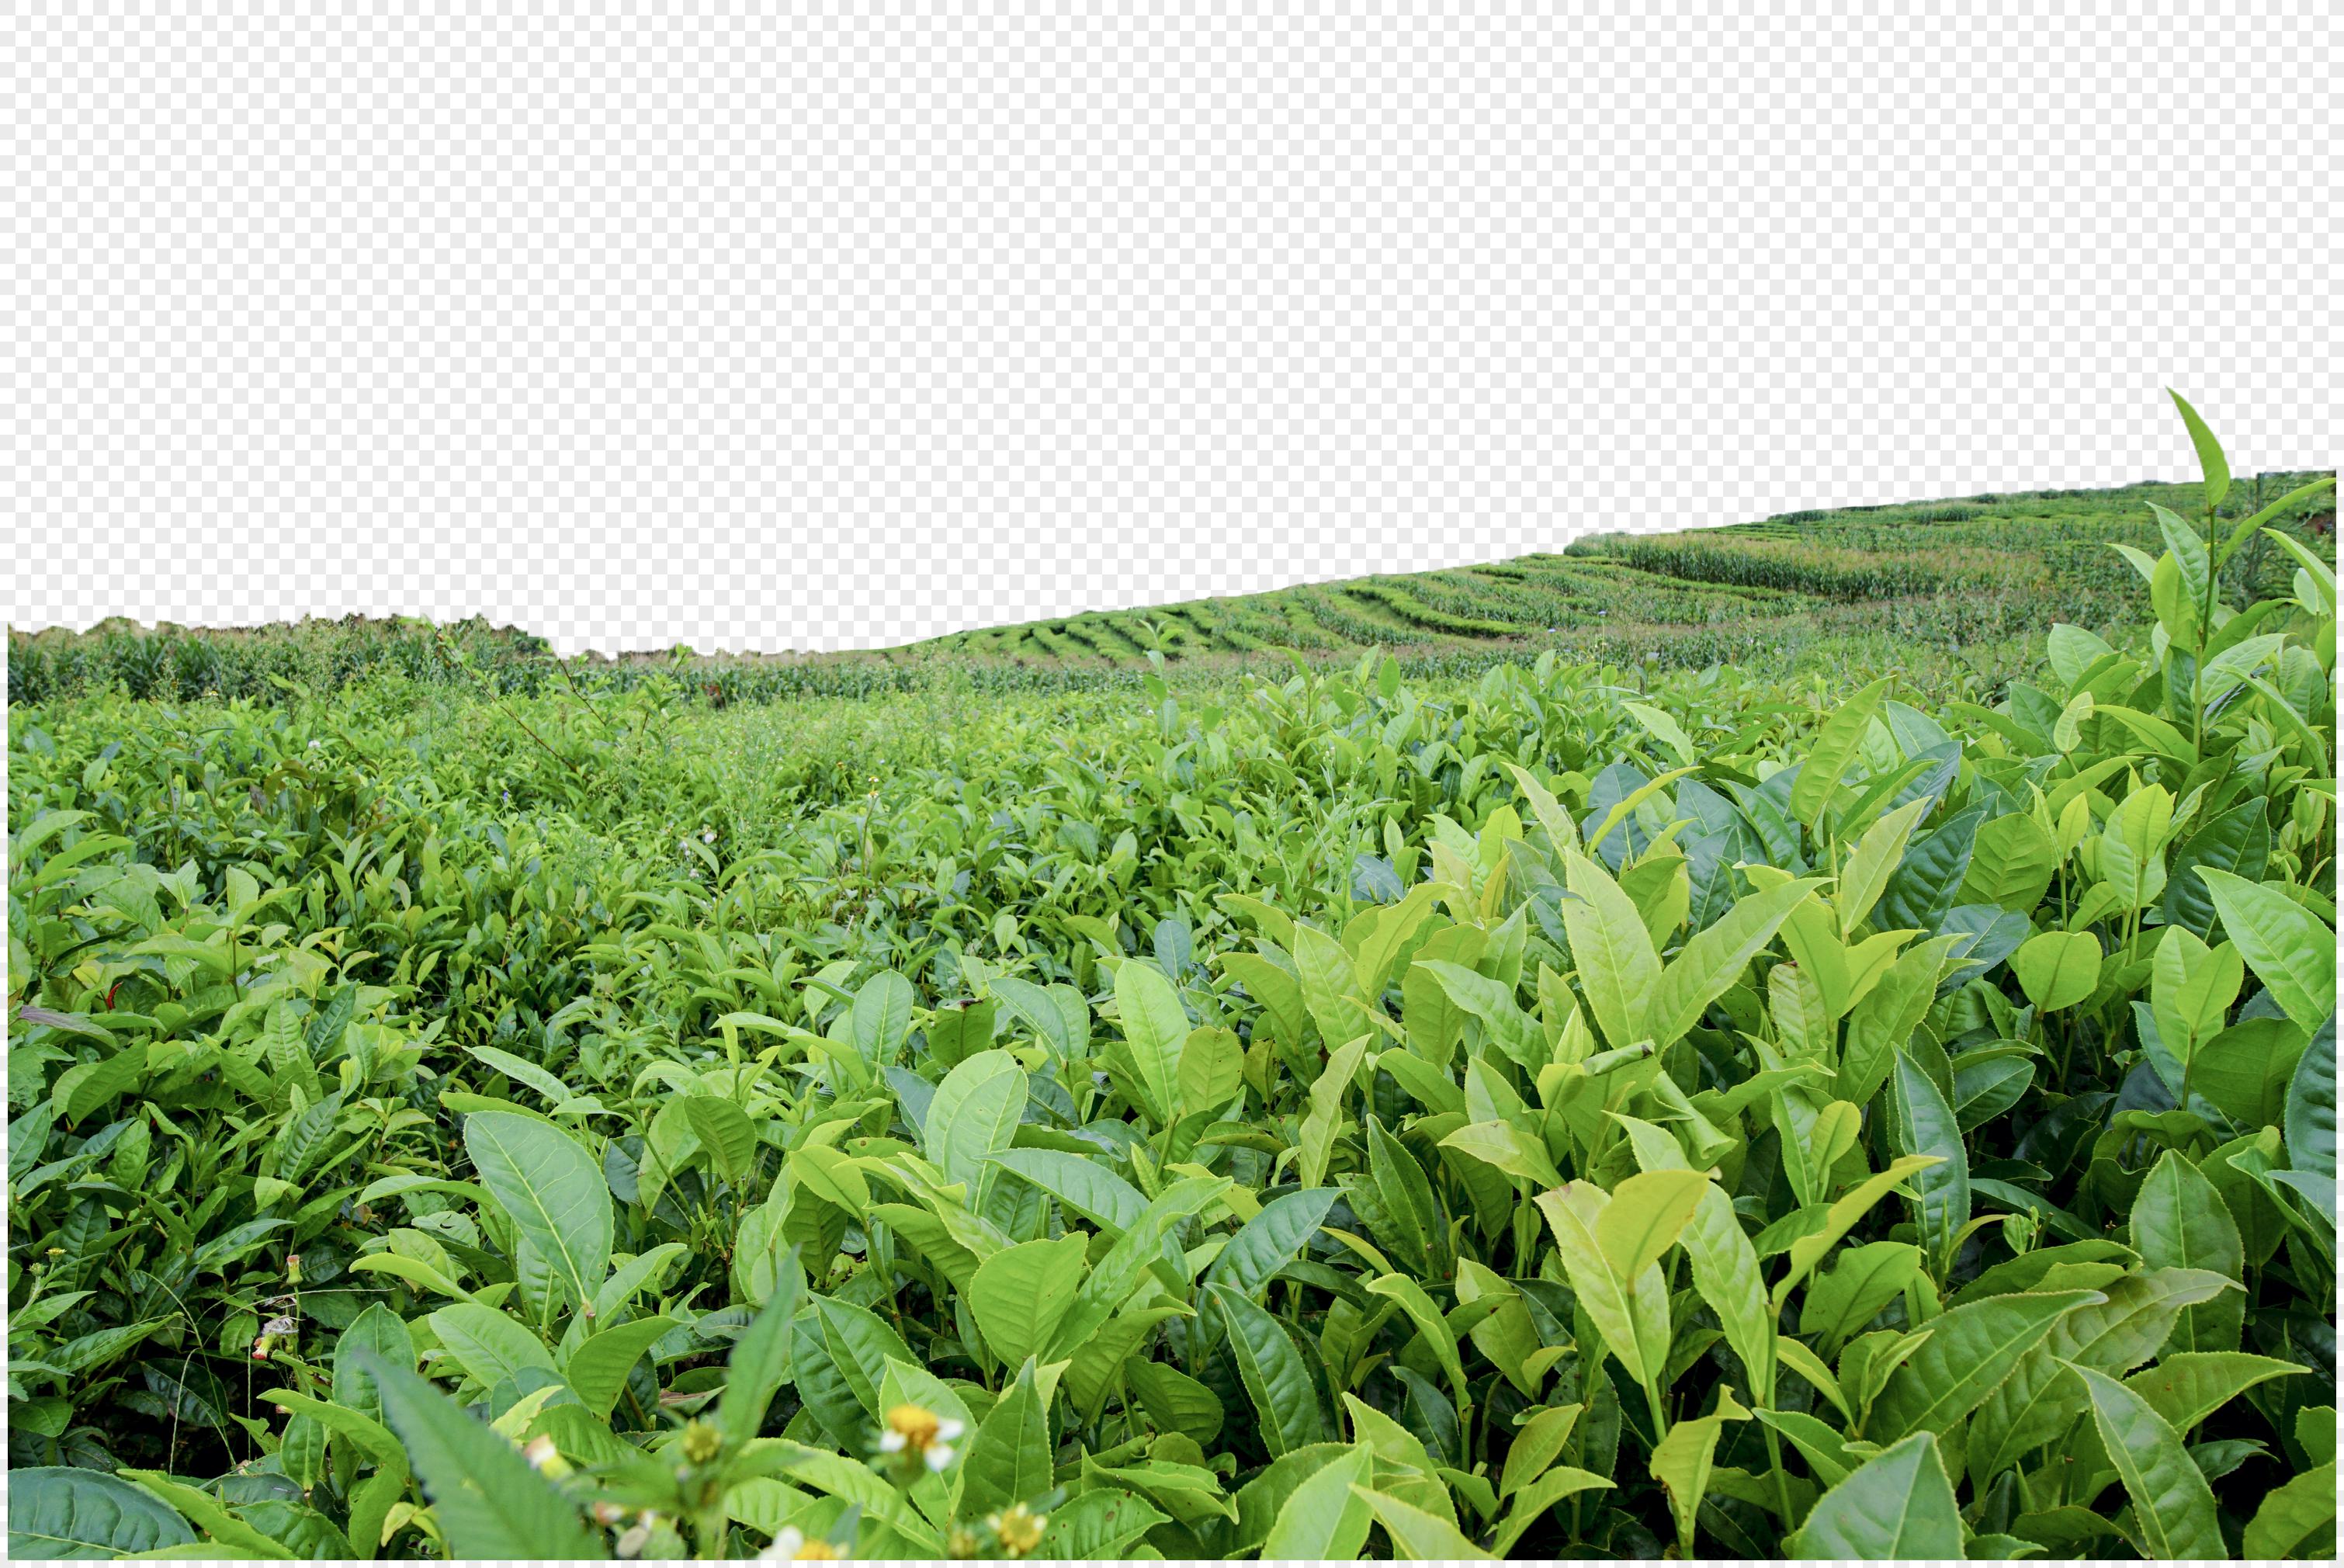 福鼎白茶有限公司